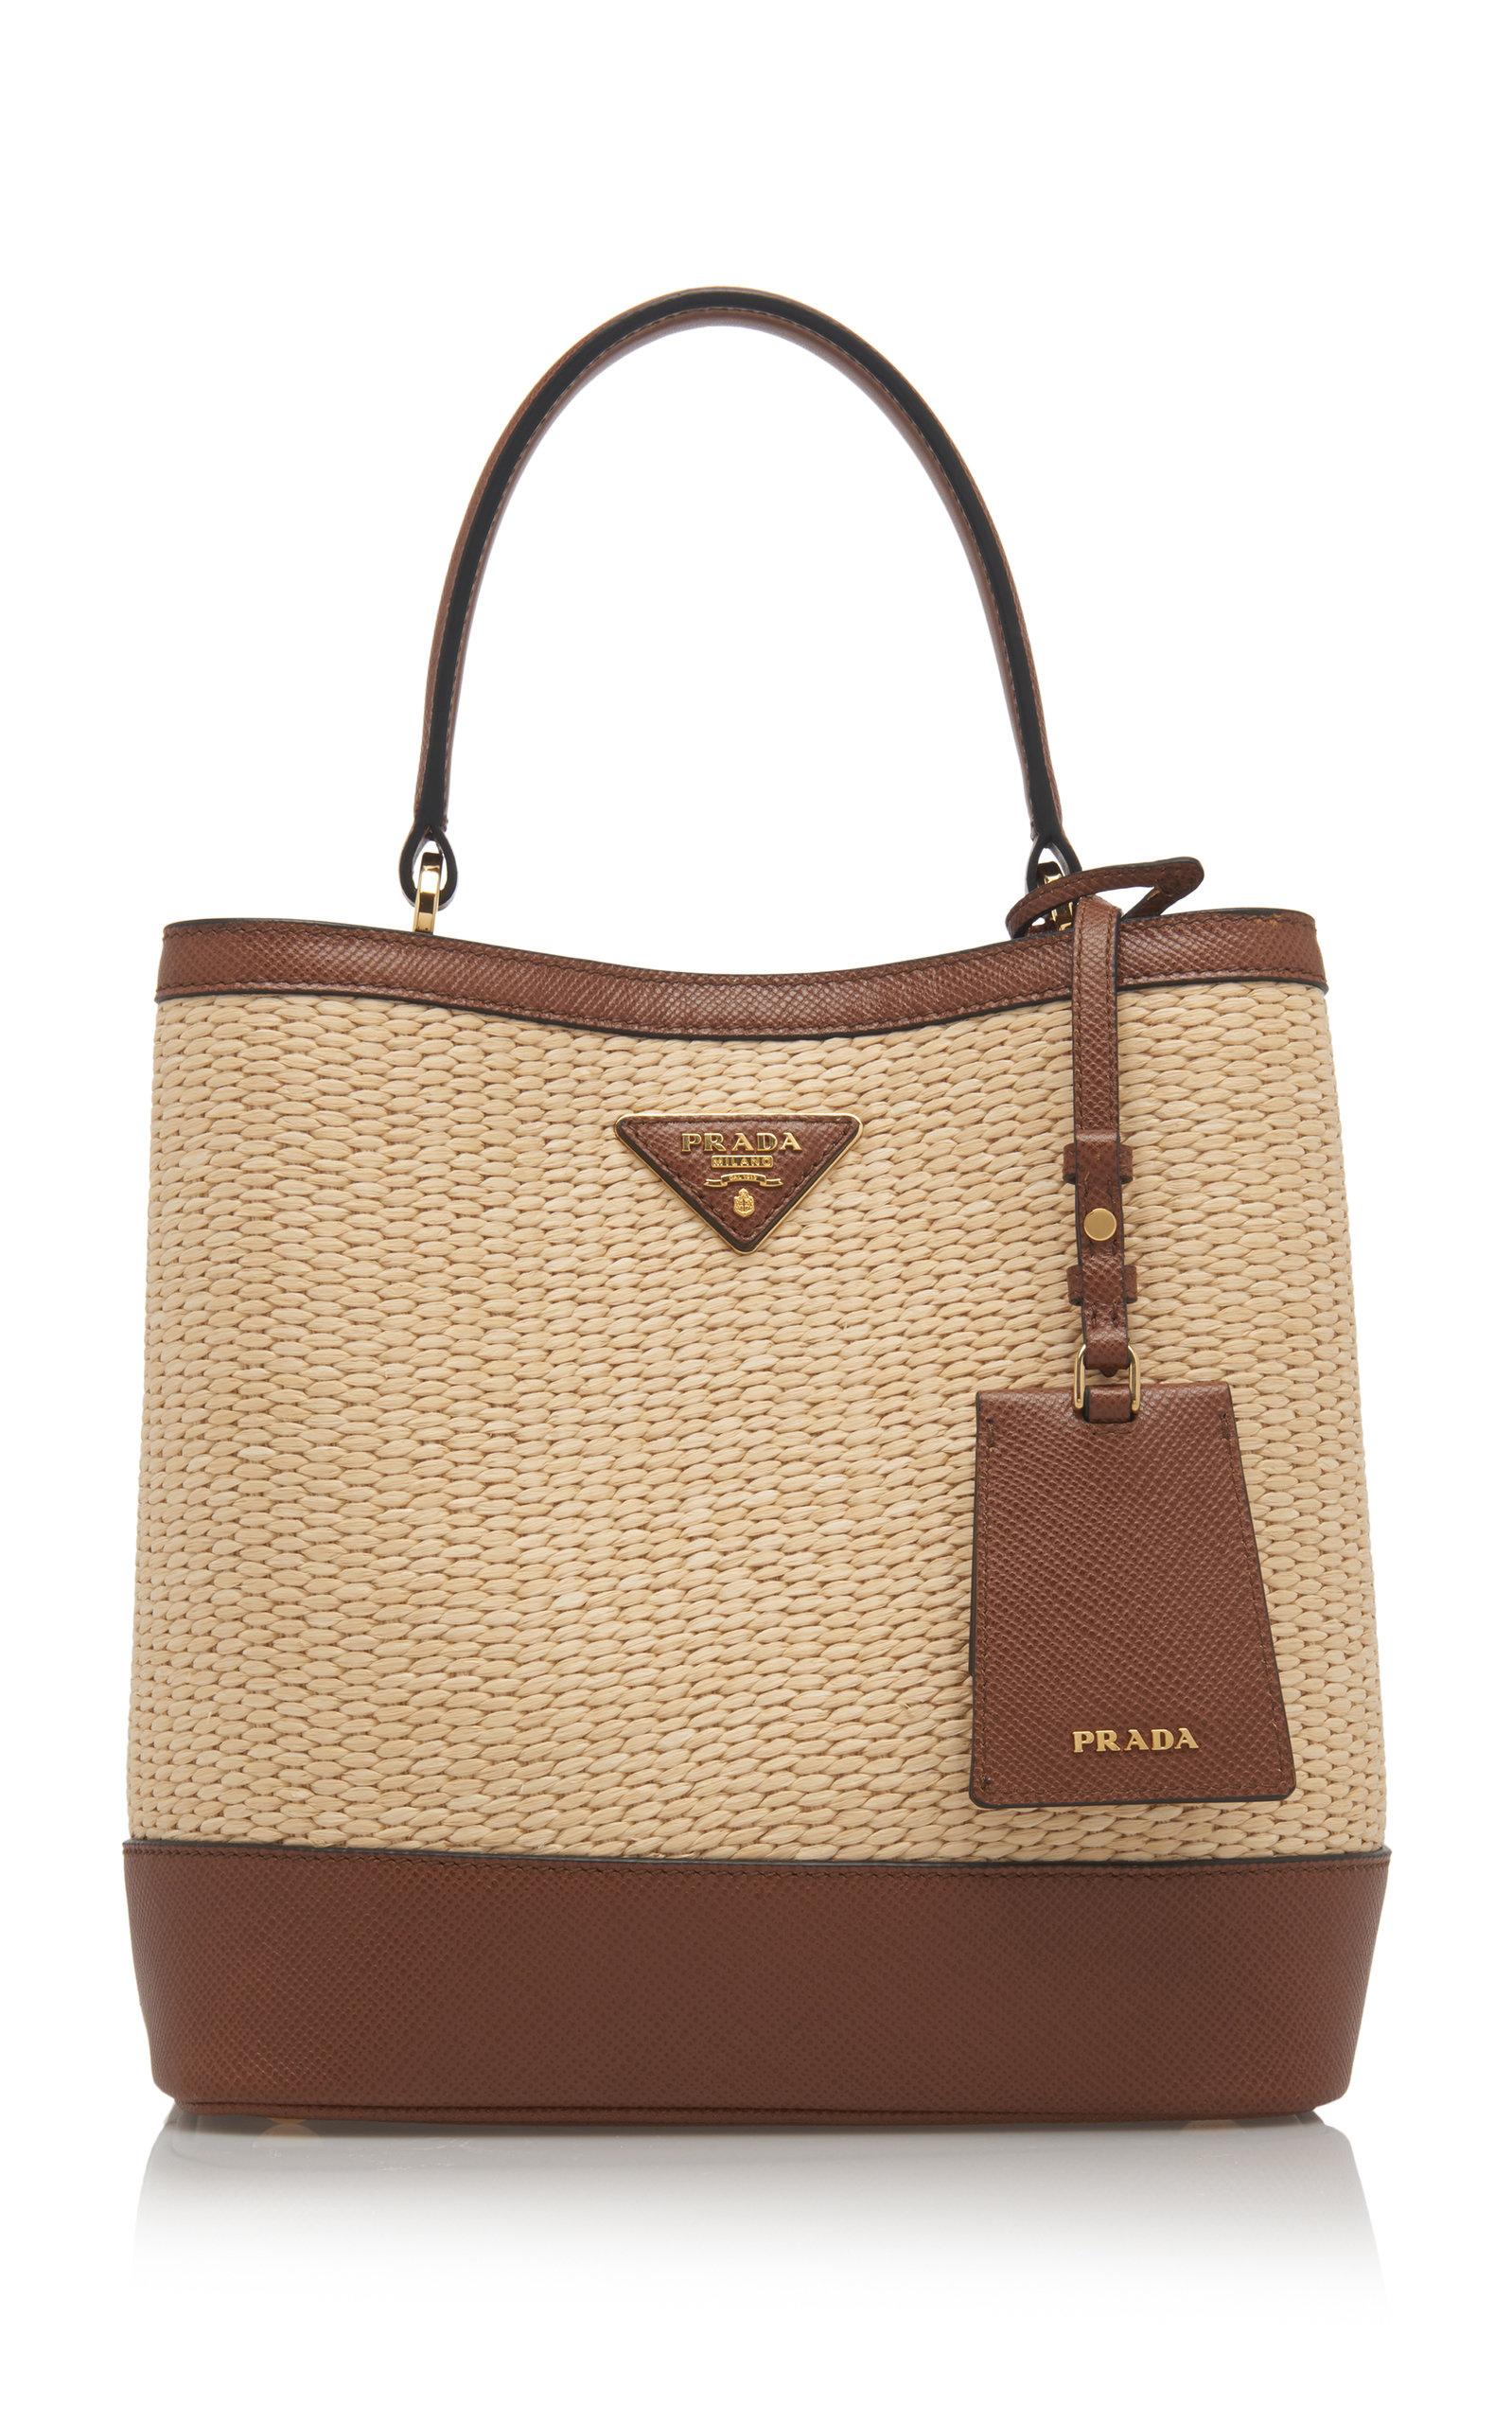 30be04d0e26a PradaMedium Raffia and Saffiano Leather Double Bucket Bag. CLOSE. Loading